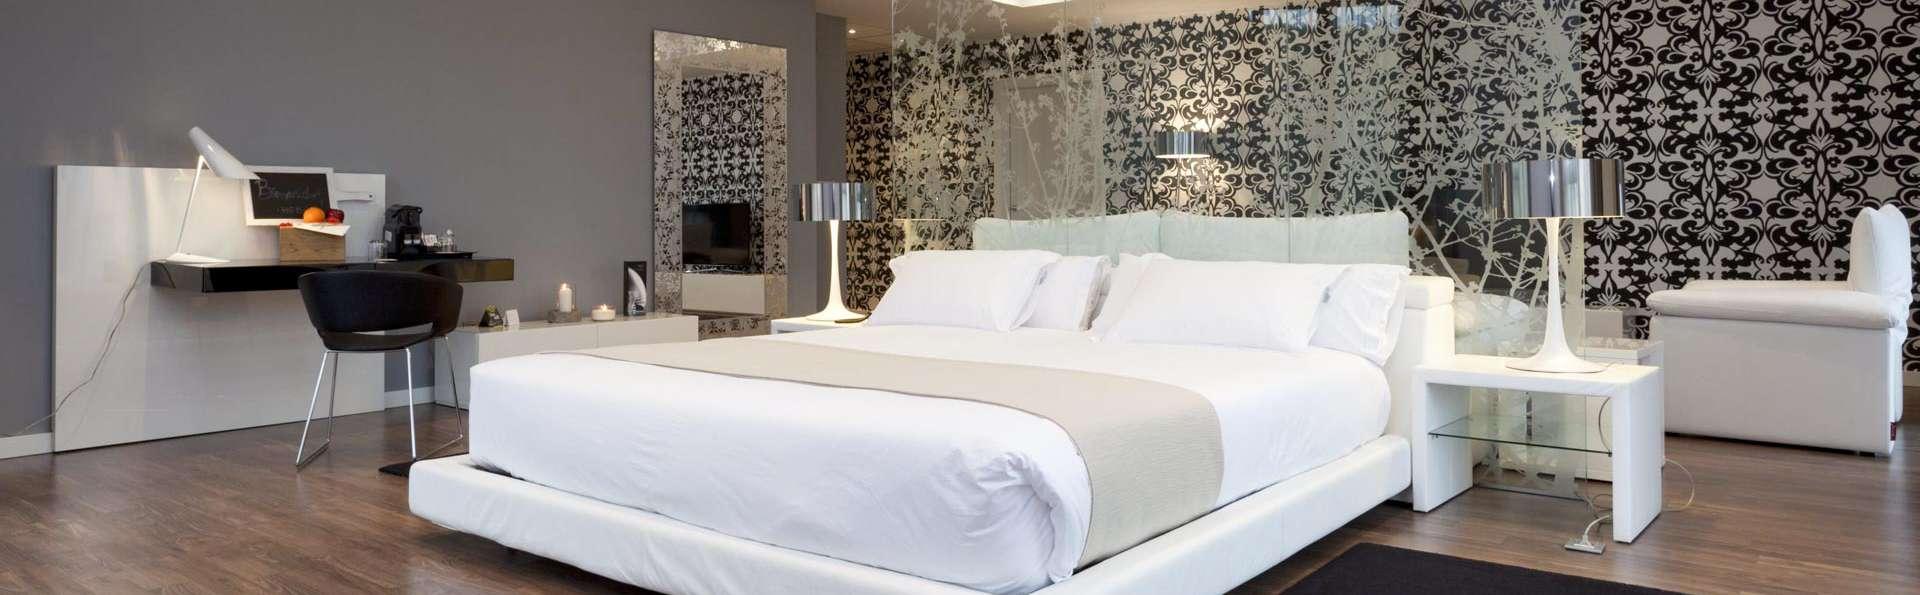 Escapada de lujo en Suite con bañera de hidromasaje en Bilbao